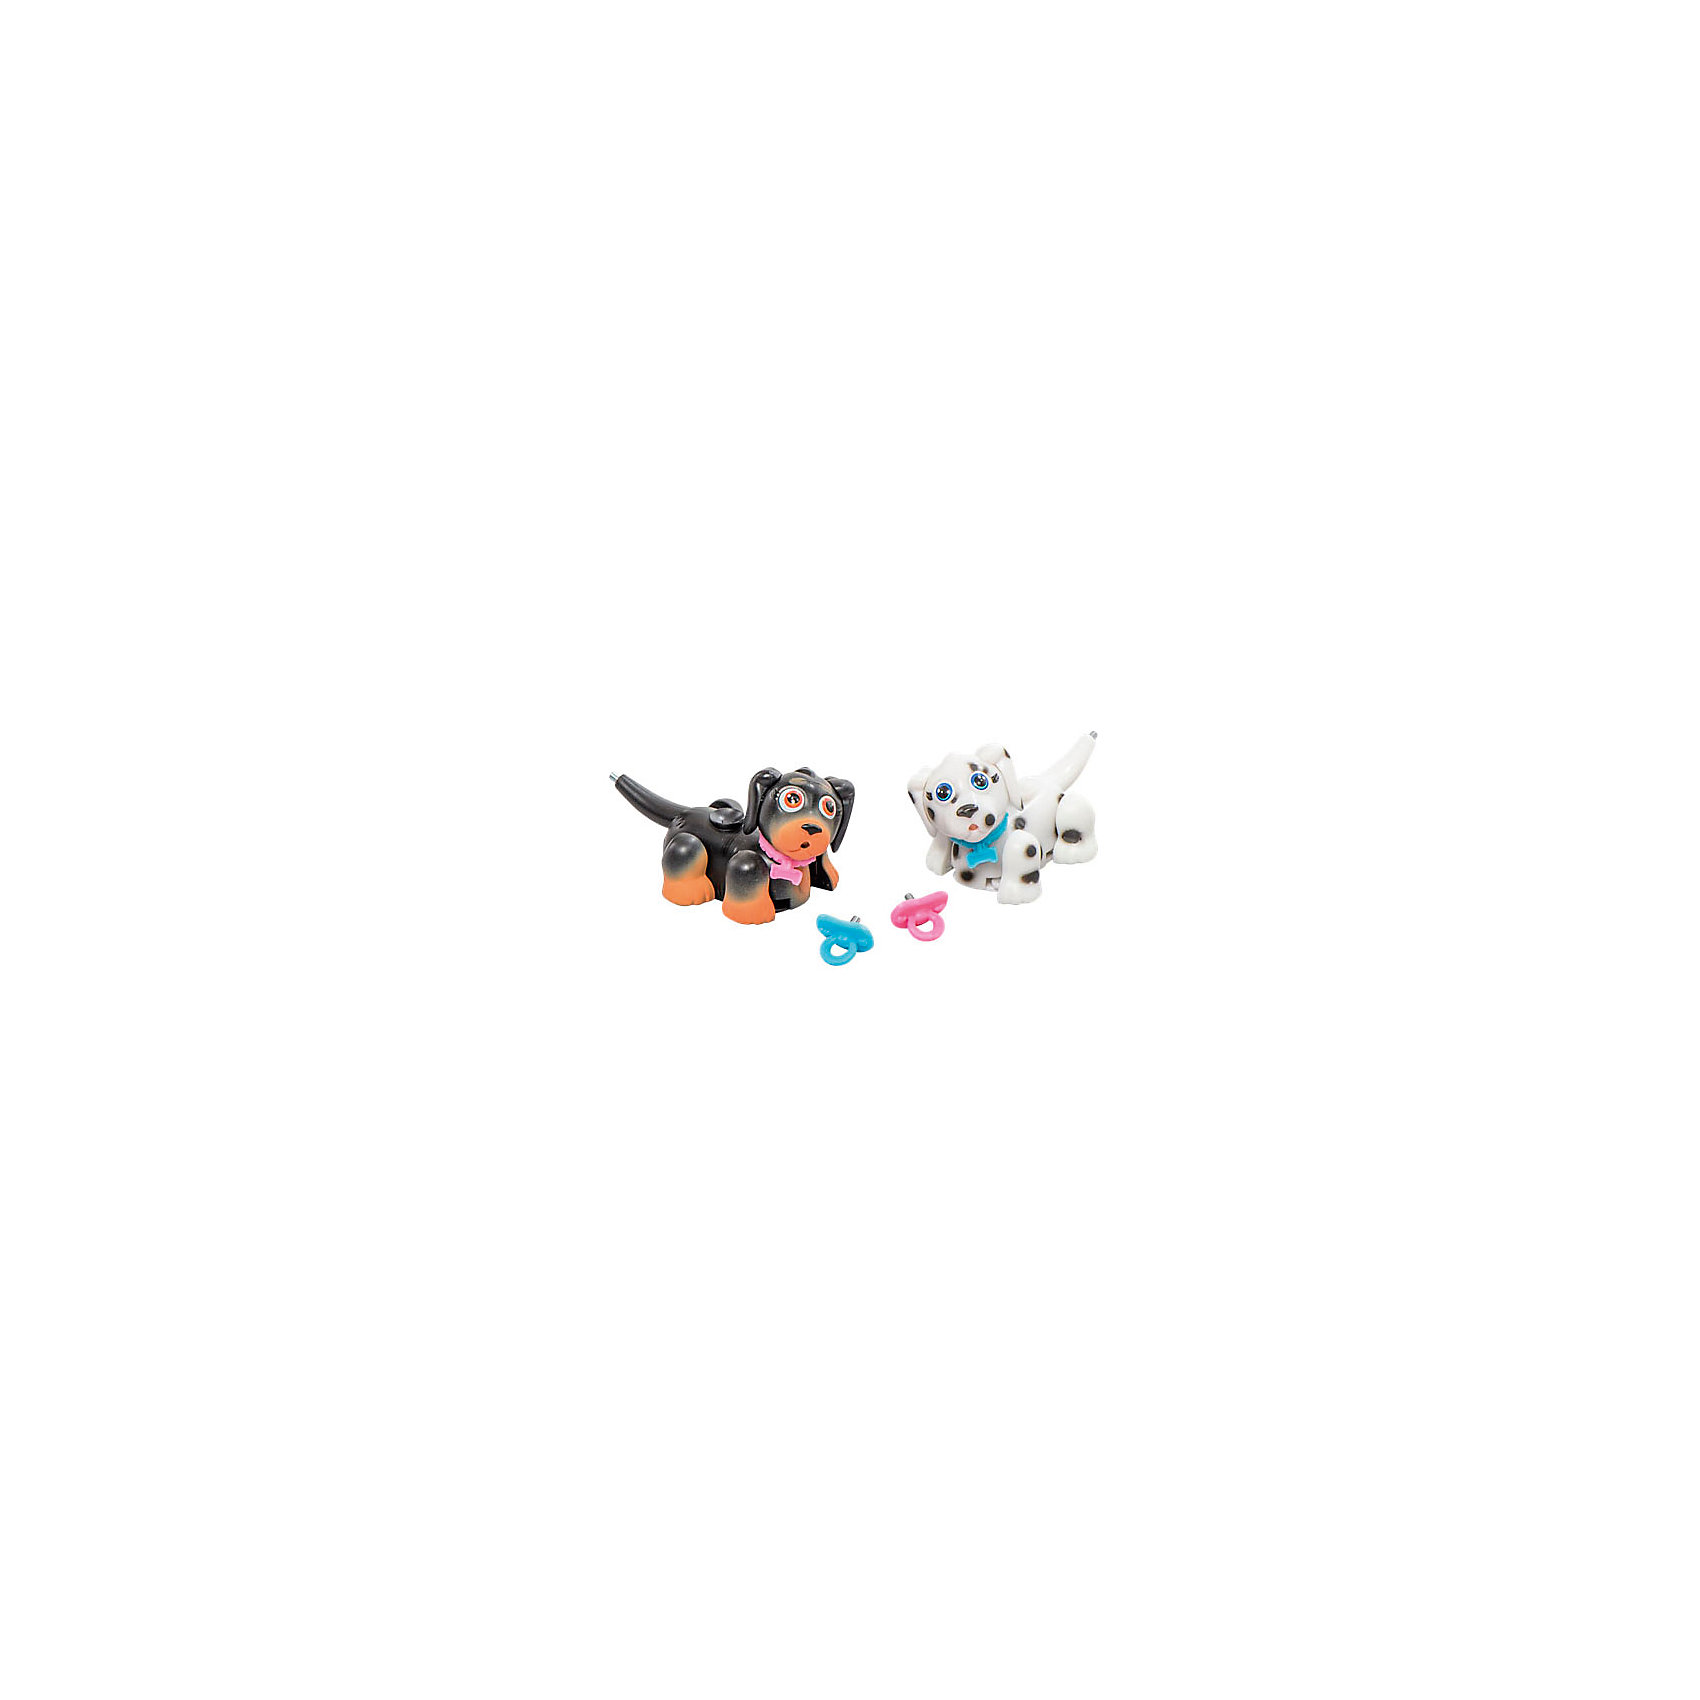 Игровой набор Такса и далматин, Pet Club ParadeКоллекционные и игровые фигурки<br><br><br>Ширина мм: 220<br>Глубина мм: 220<br>Высота мм: 60<br>Вес г: 122<br>Возраст от месяцев: 120<br>Возраст до месяцев: 2147483647<br>Пол: Женский<br>Возраст: Детский<br>SKU: 6838694